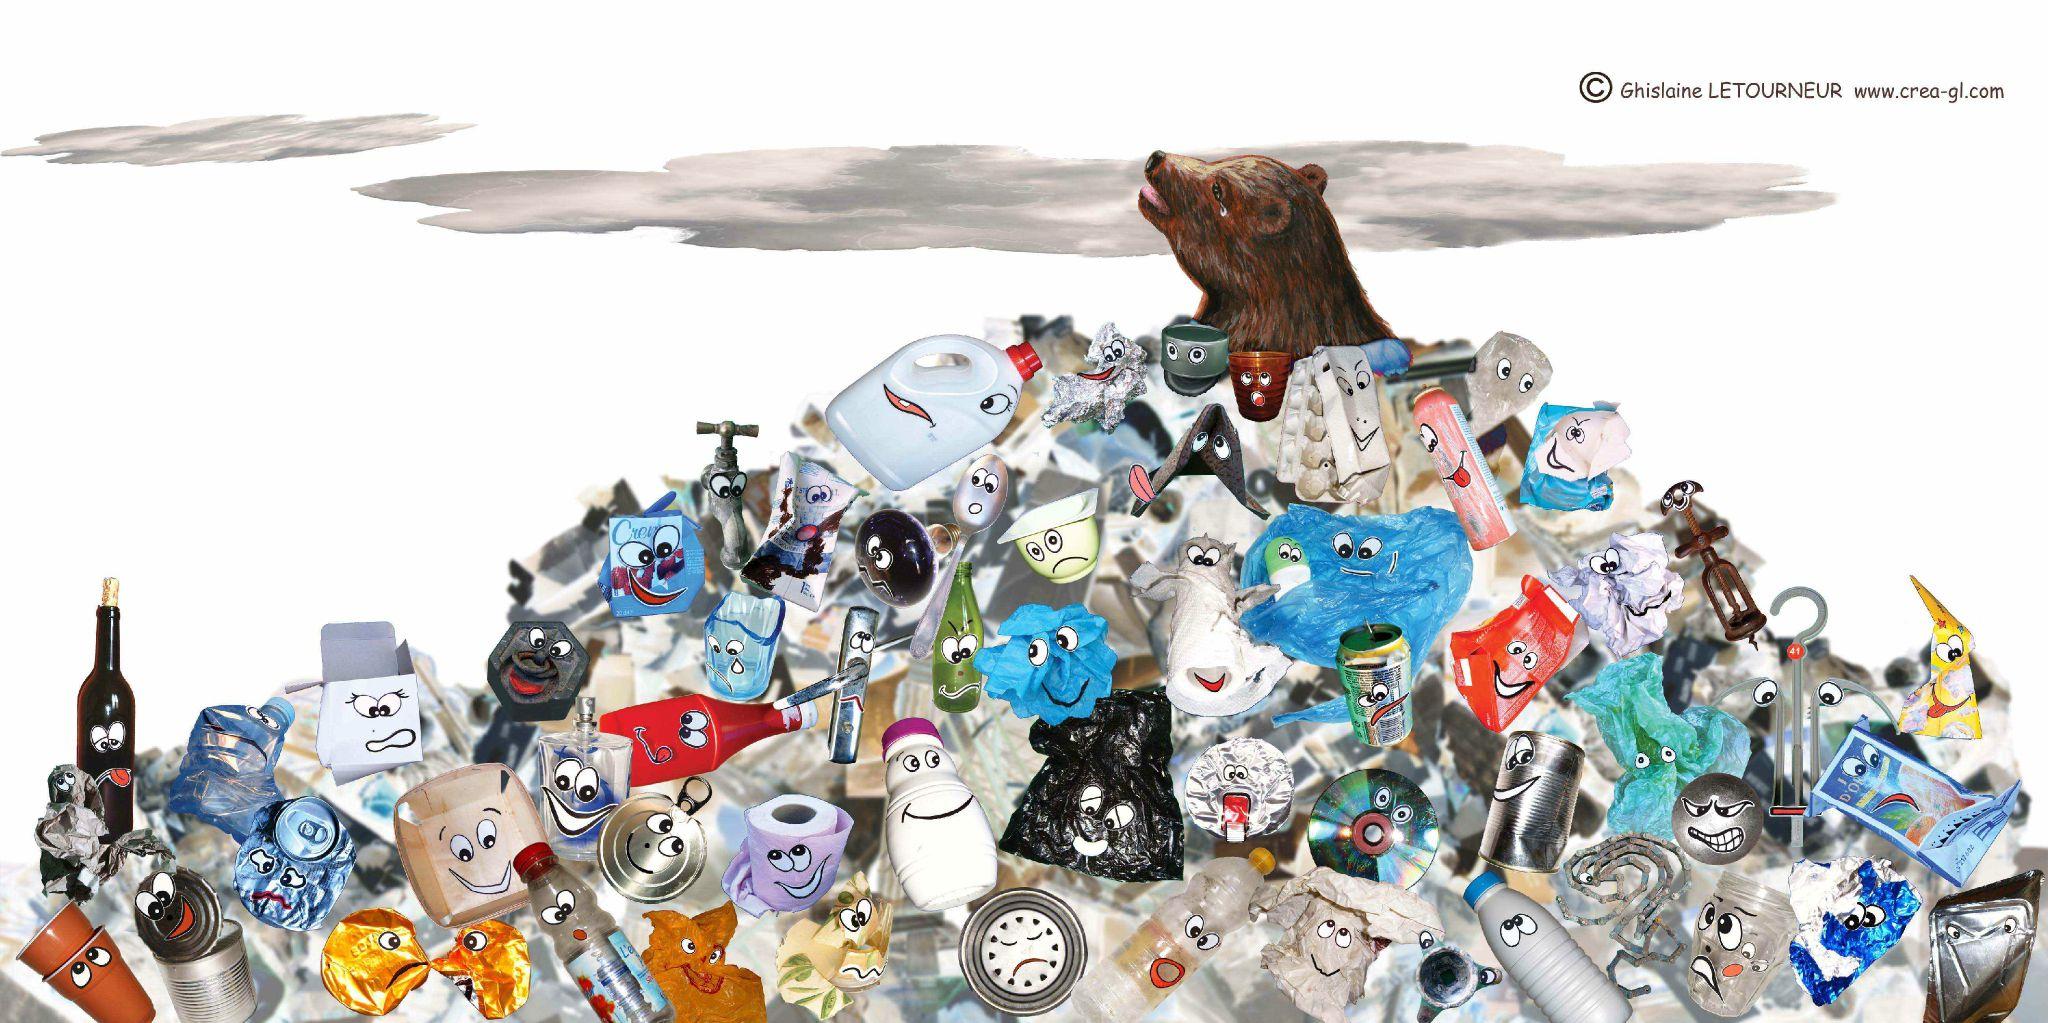 Ours dans les déchets Accumulation ordures plastique papier carton verre métal - Art recyclage - Bear in waste - Poartă în deşeuri